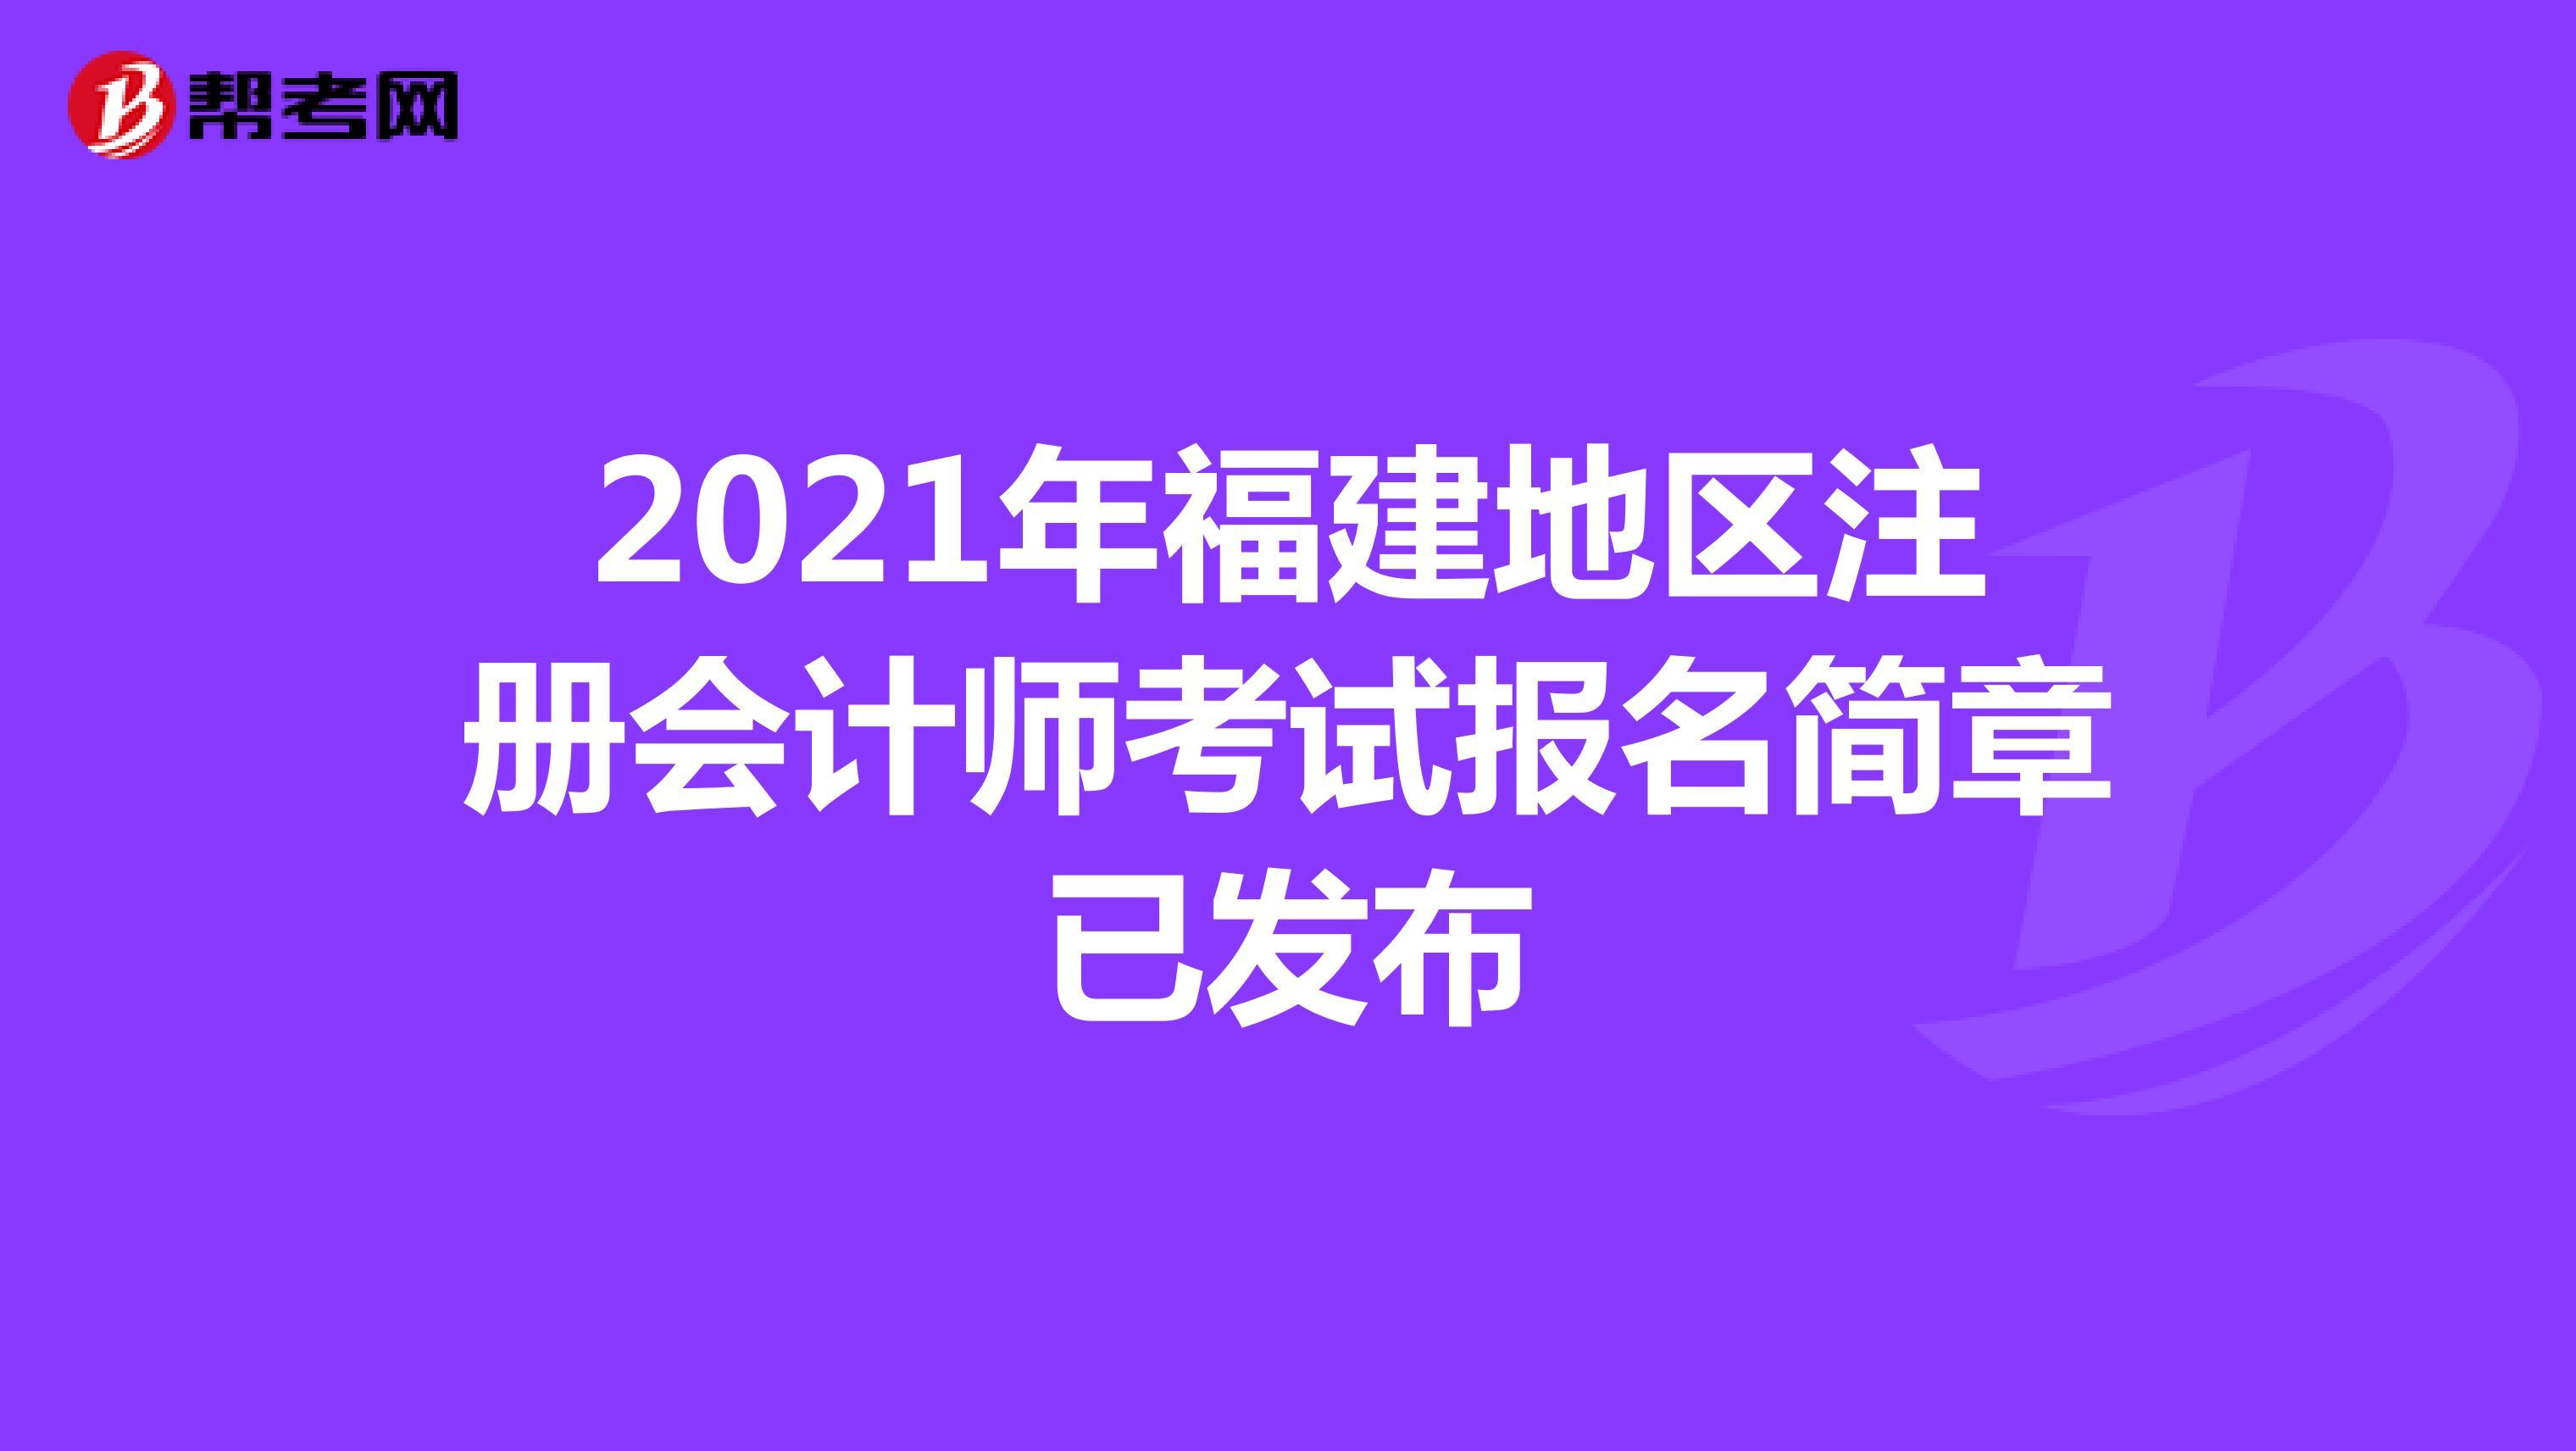 2021年福建地区【hot88热竞技提款】注册会计师考试报名简章已发布